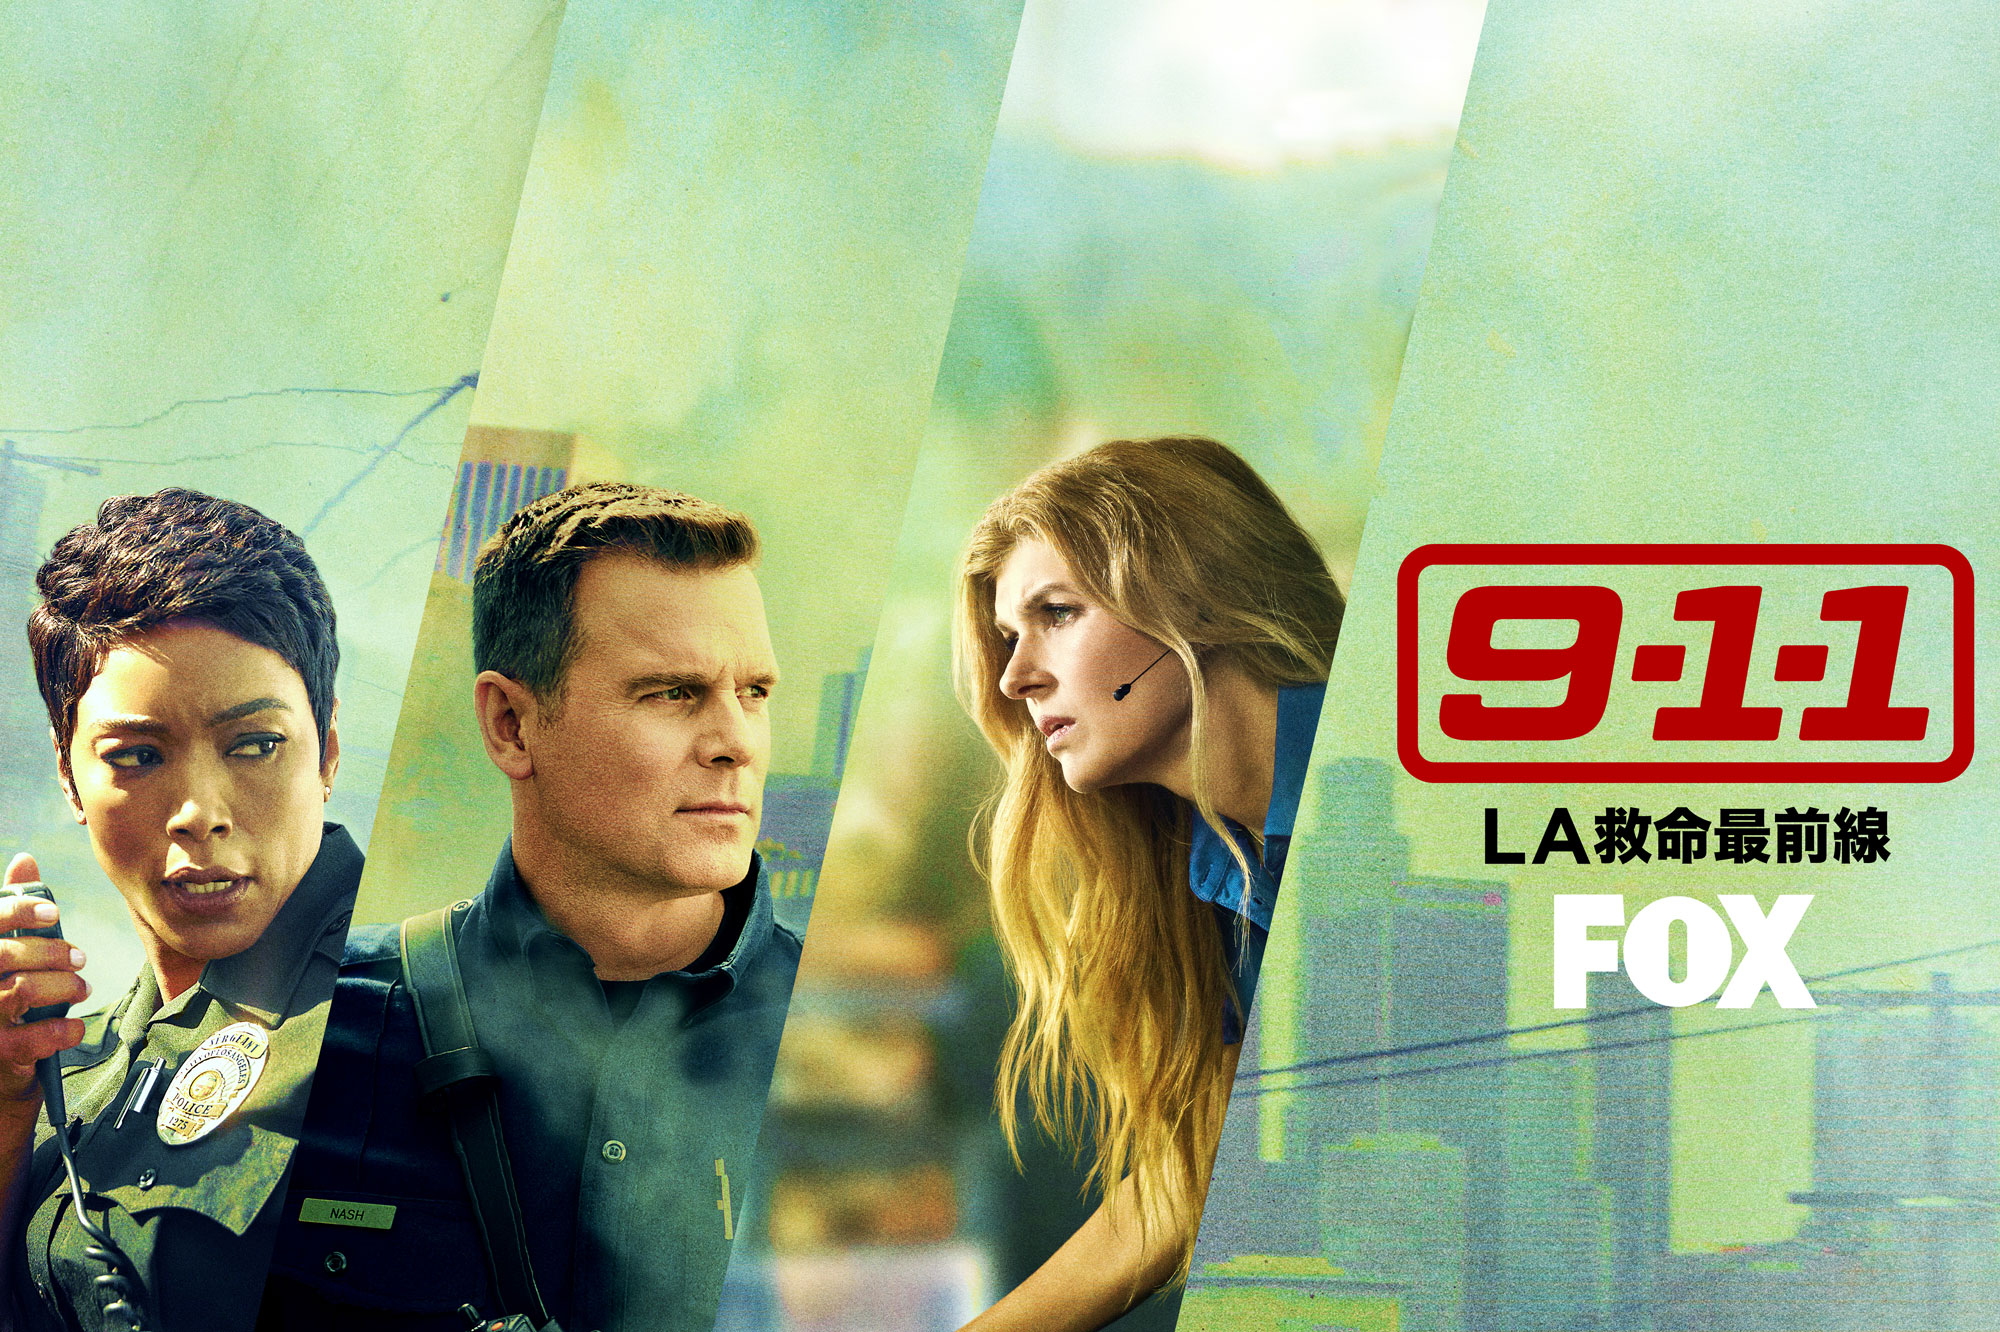 『9-1-1:LA救命最前線』